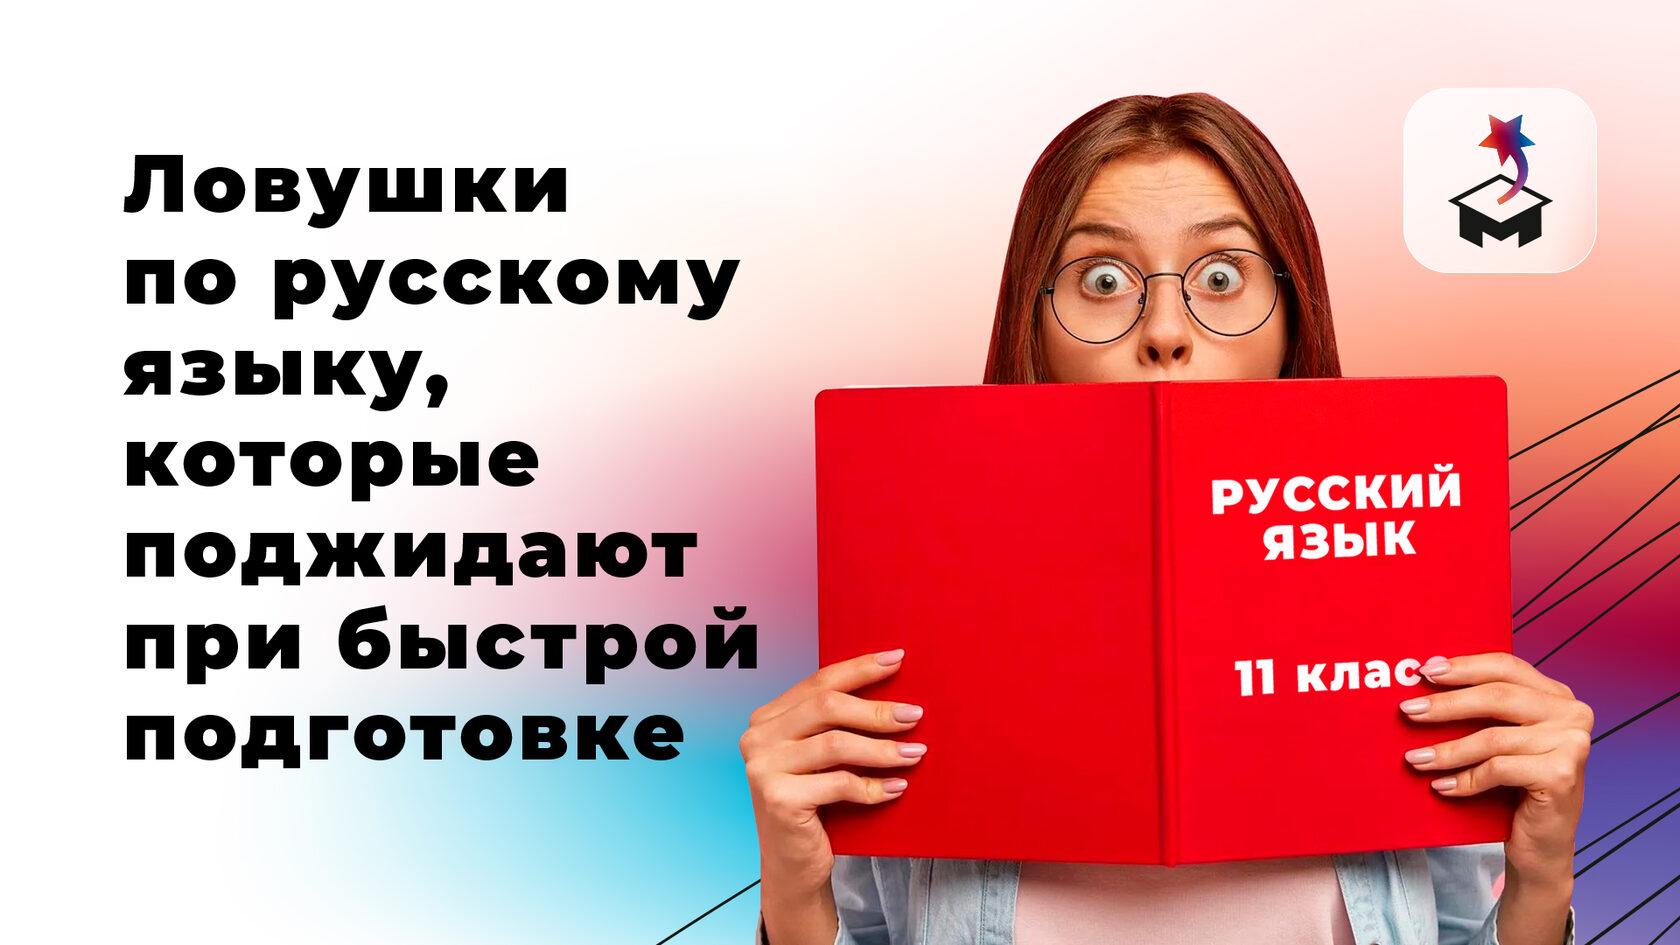 Испуганная девушка с учебником русского языка